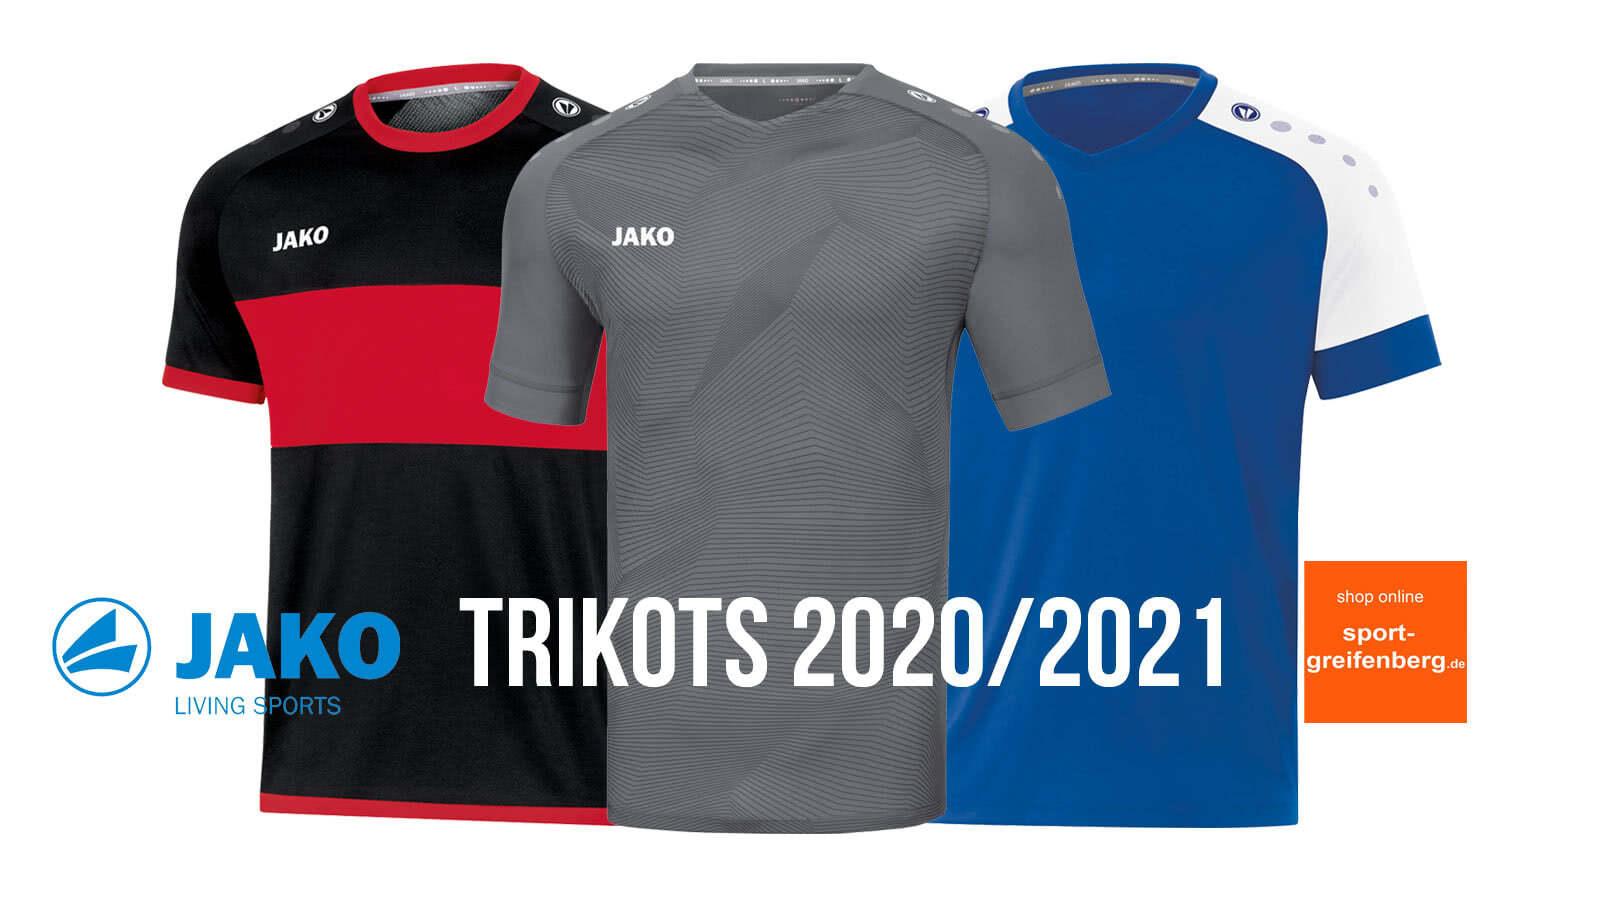 Die Jako Trikots 2020/2021 Fußball für Trikotsätze